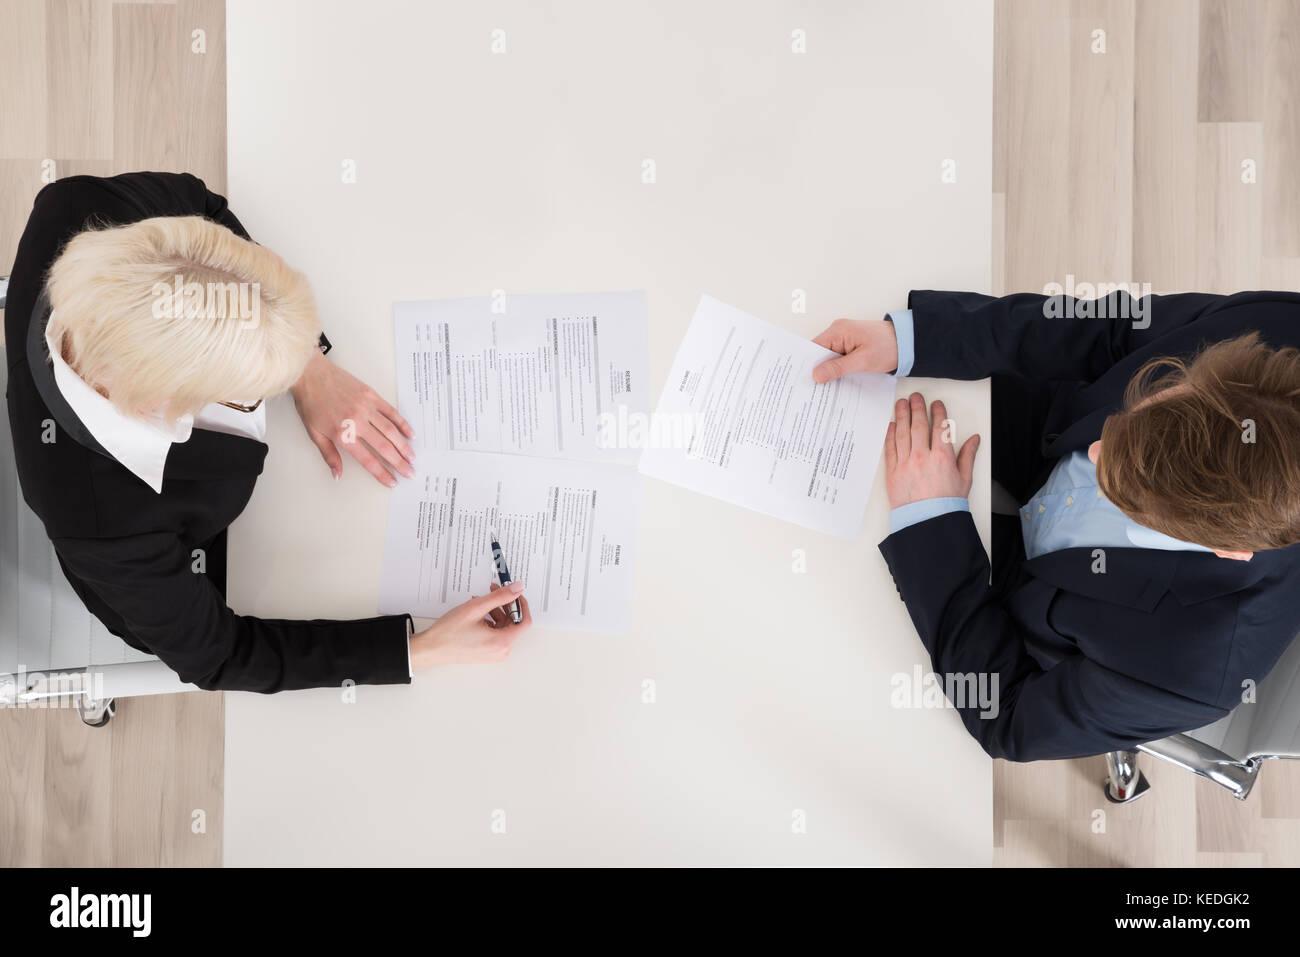 Un alto ángulo de visualización de la entrevista de trabajo en el escritorio Imagen De Stock